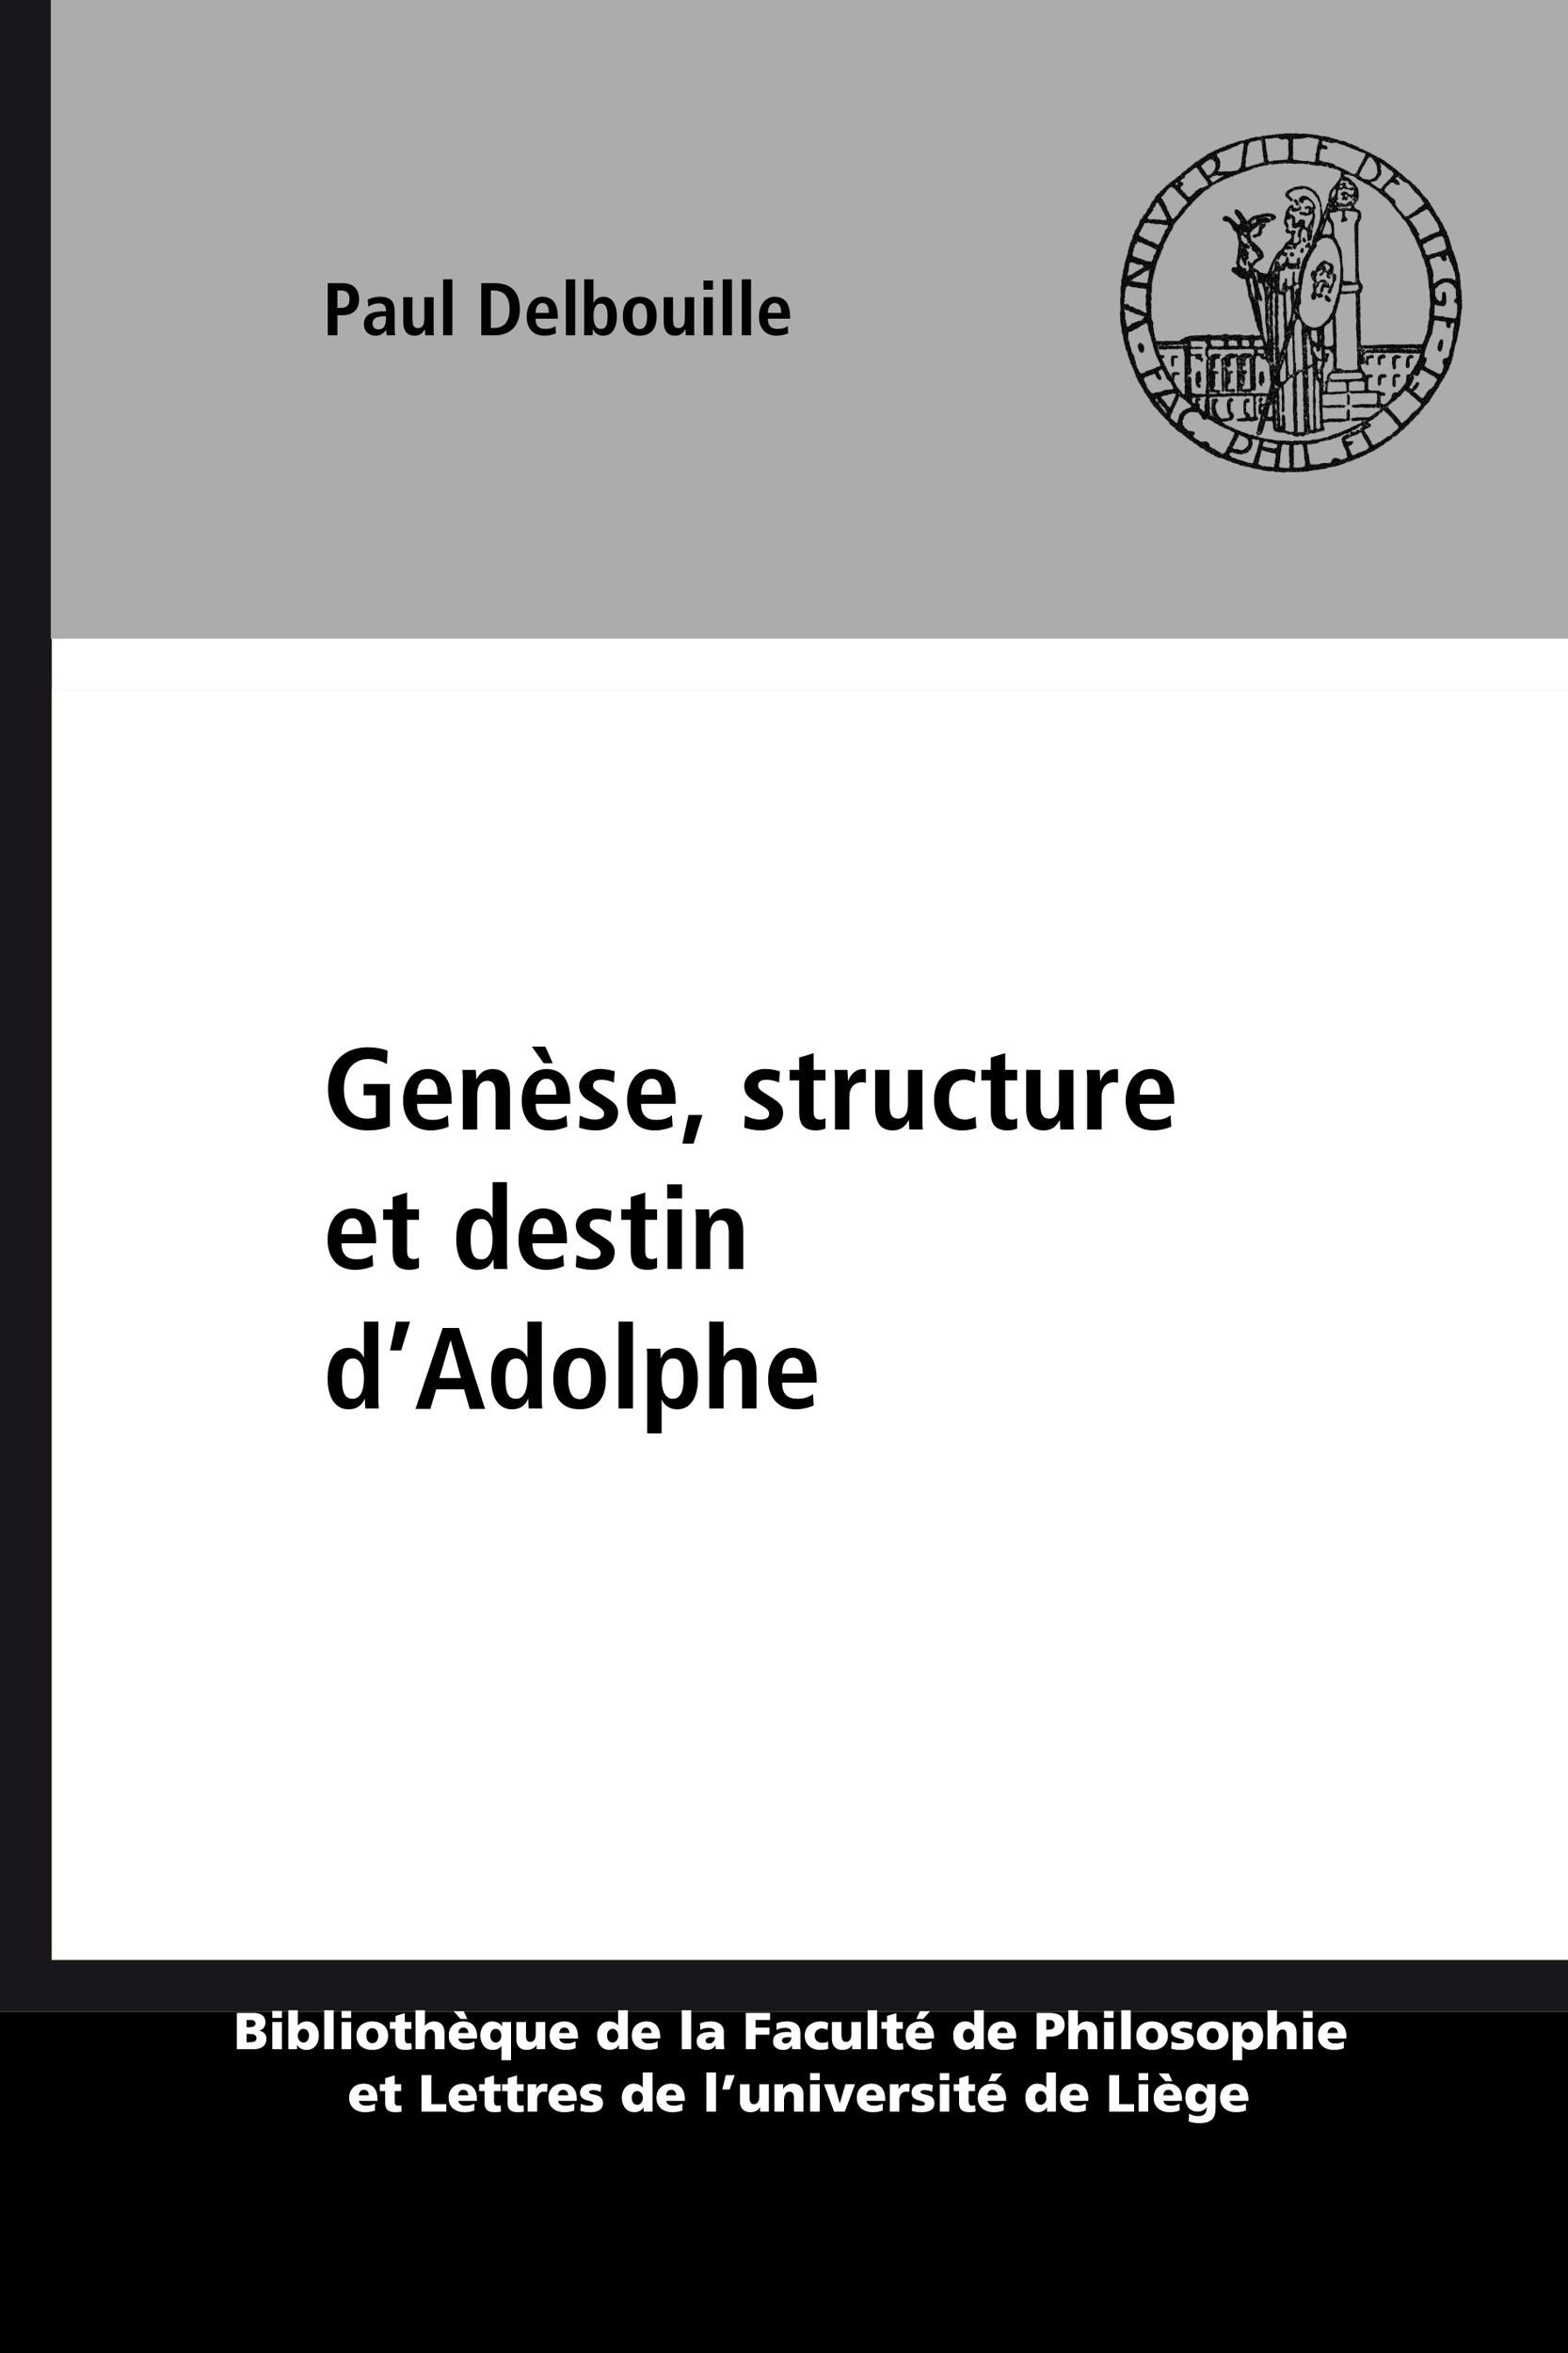 Genese, structure et destin d'